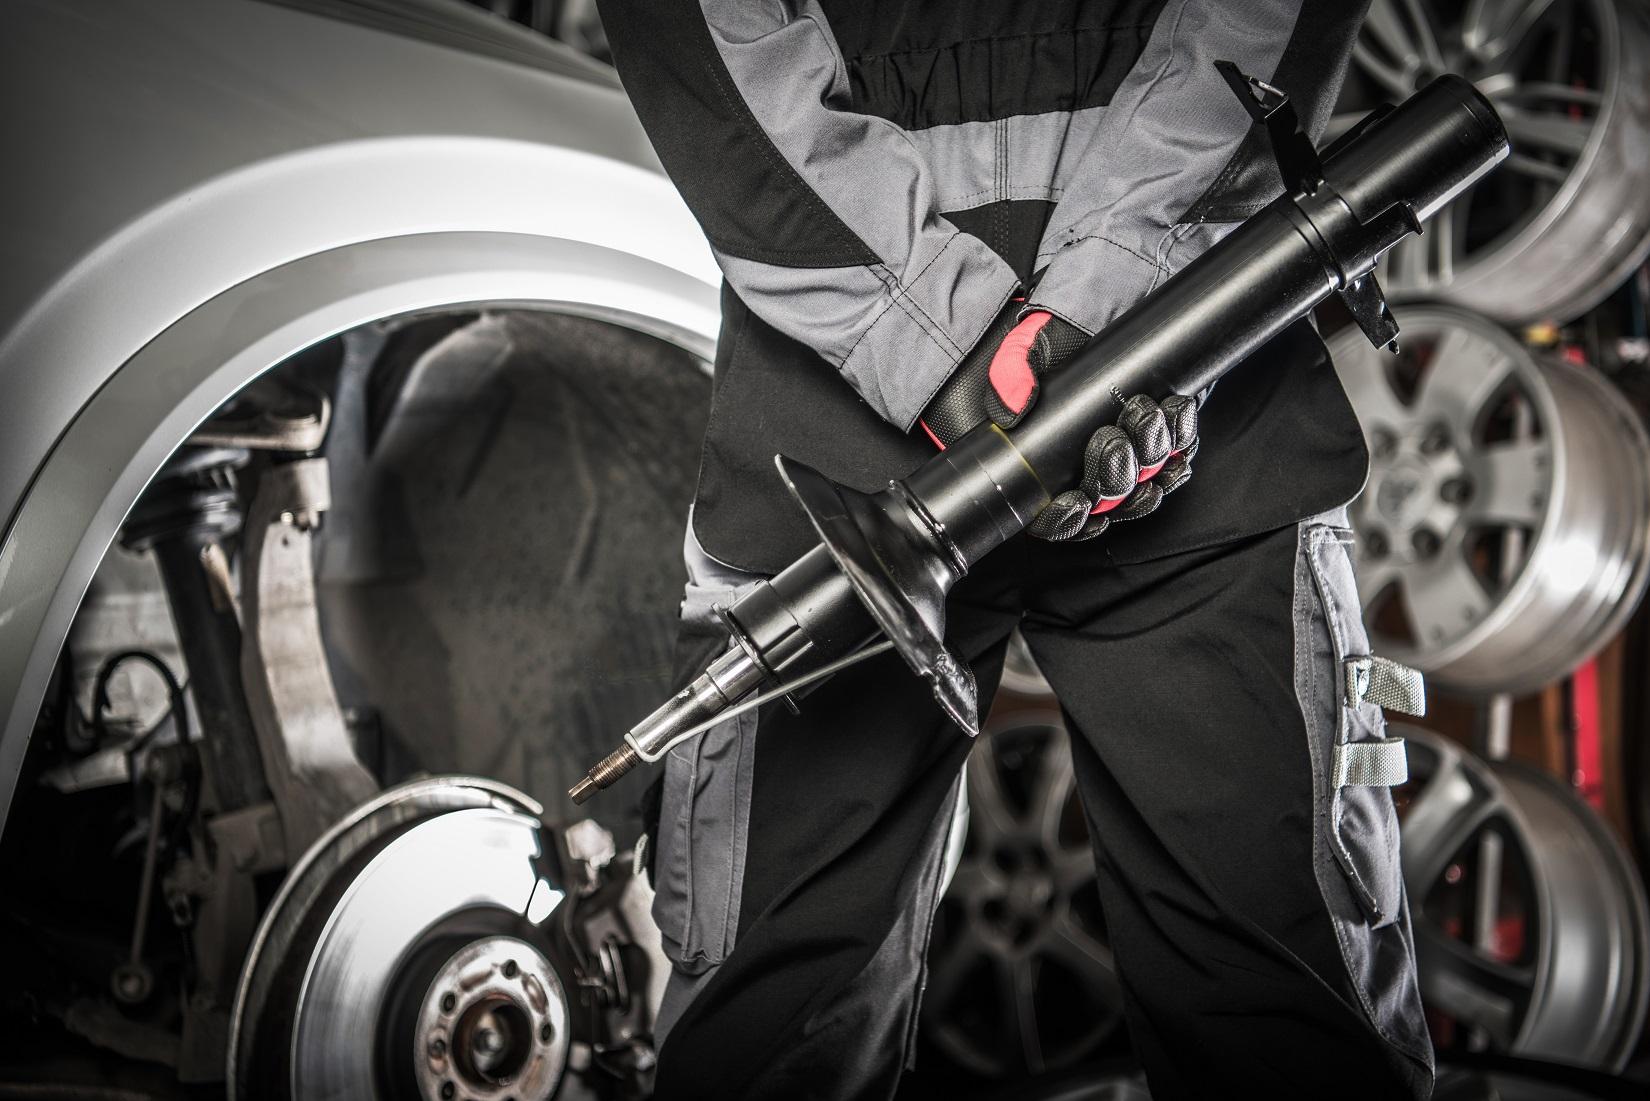 mecanico trocando amortecedor na suspensao de carro